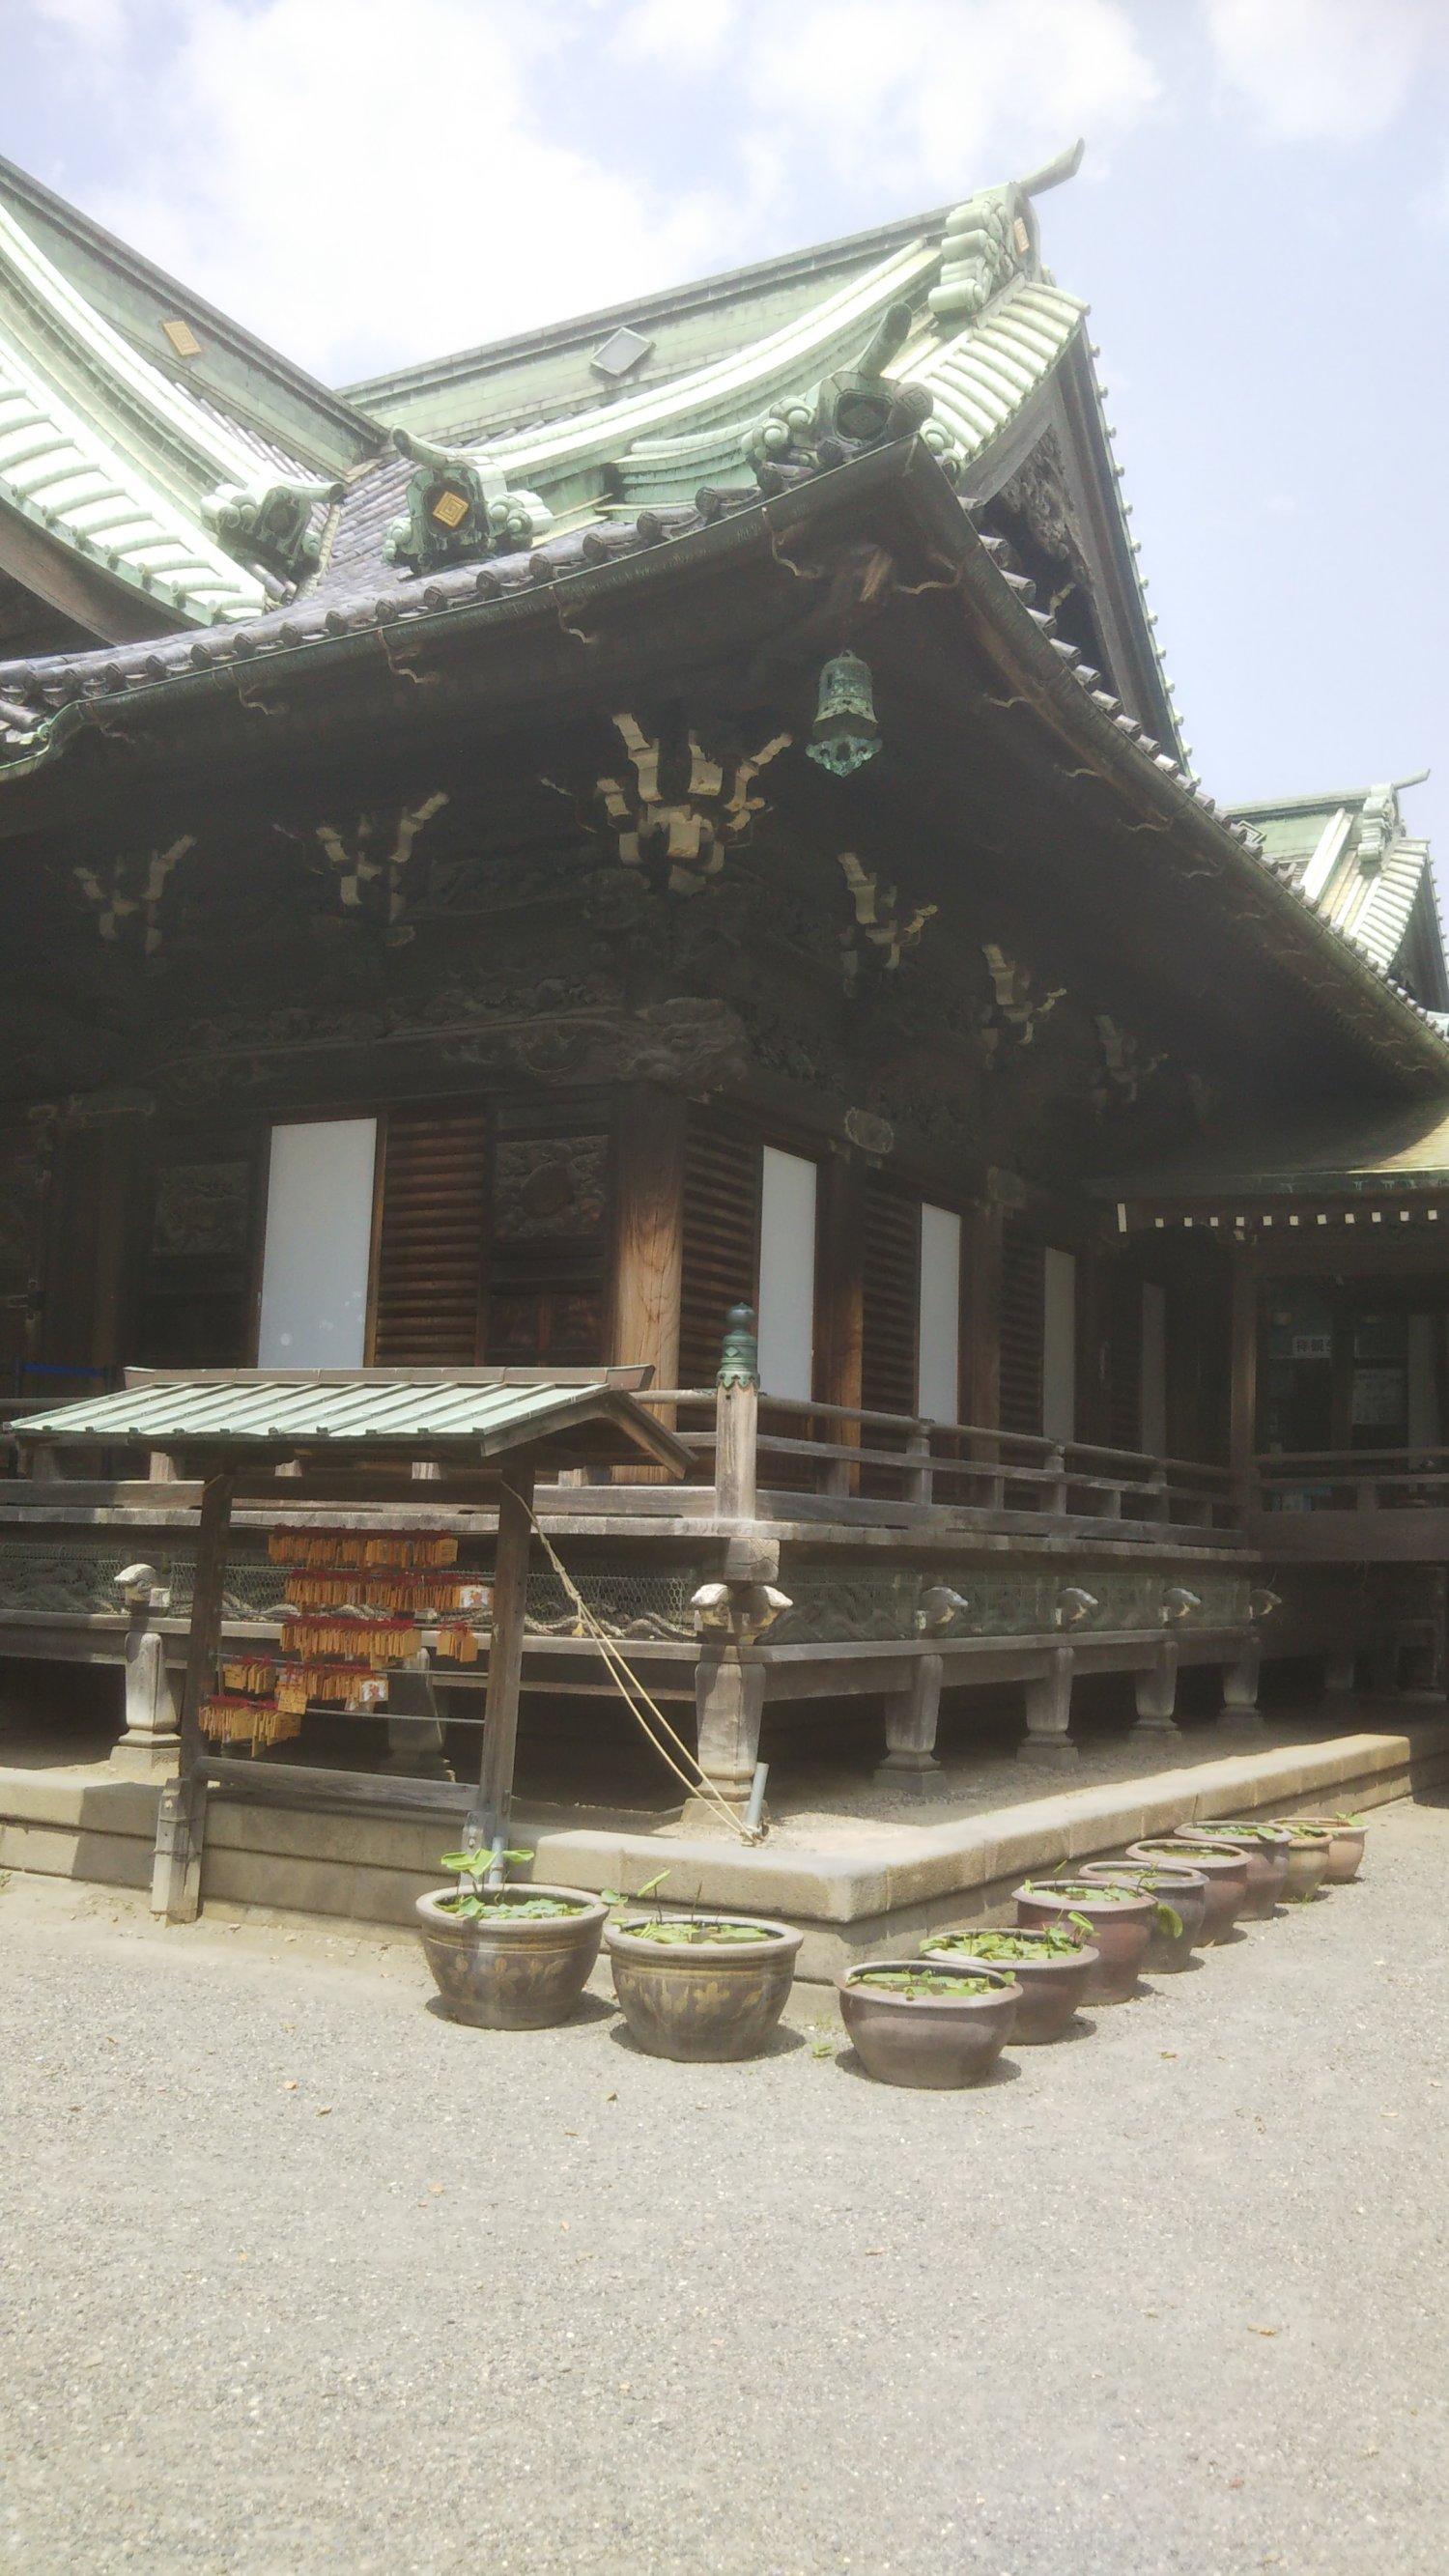 題経寺 帝釈堂の縁側。ここに立つ御前様をローアングルで撮った映像がいちばんカッコイイ!